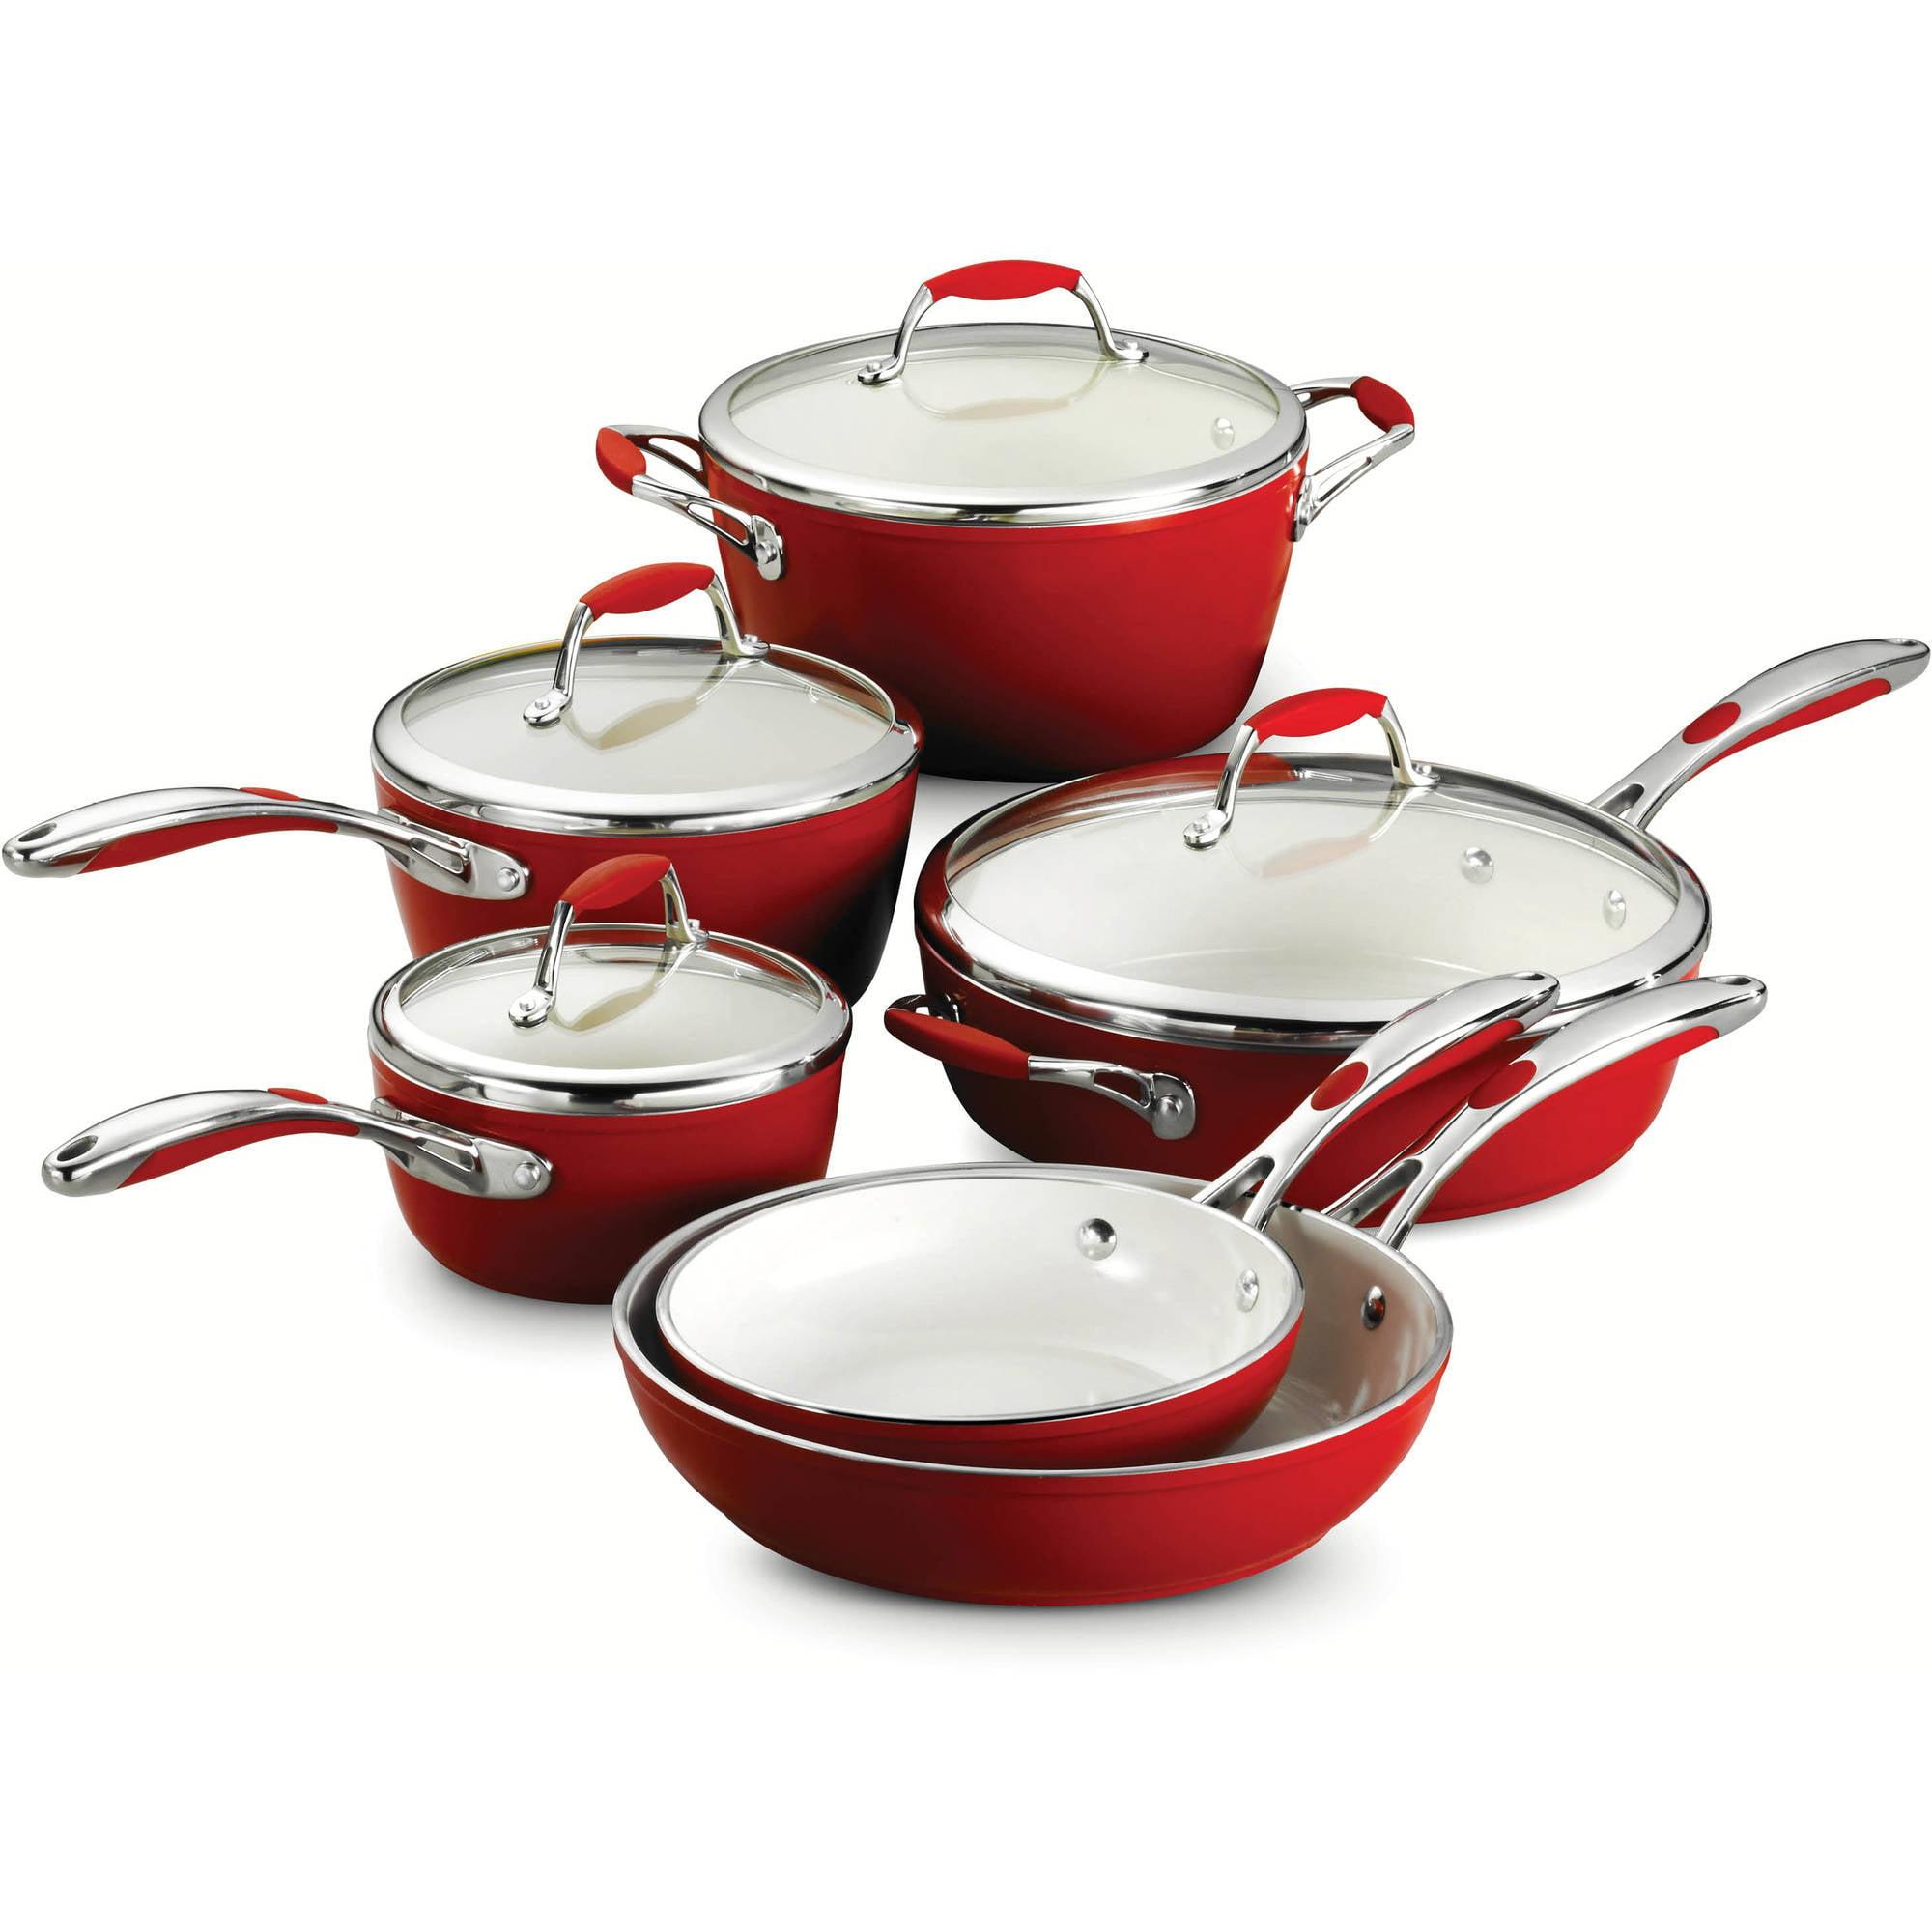 Tramontina USA Inc. Tramontina Gourmet Ceramica 01 Deluxe 10 - Piece Cookware Set, Red